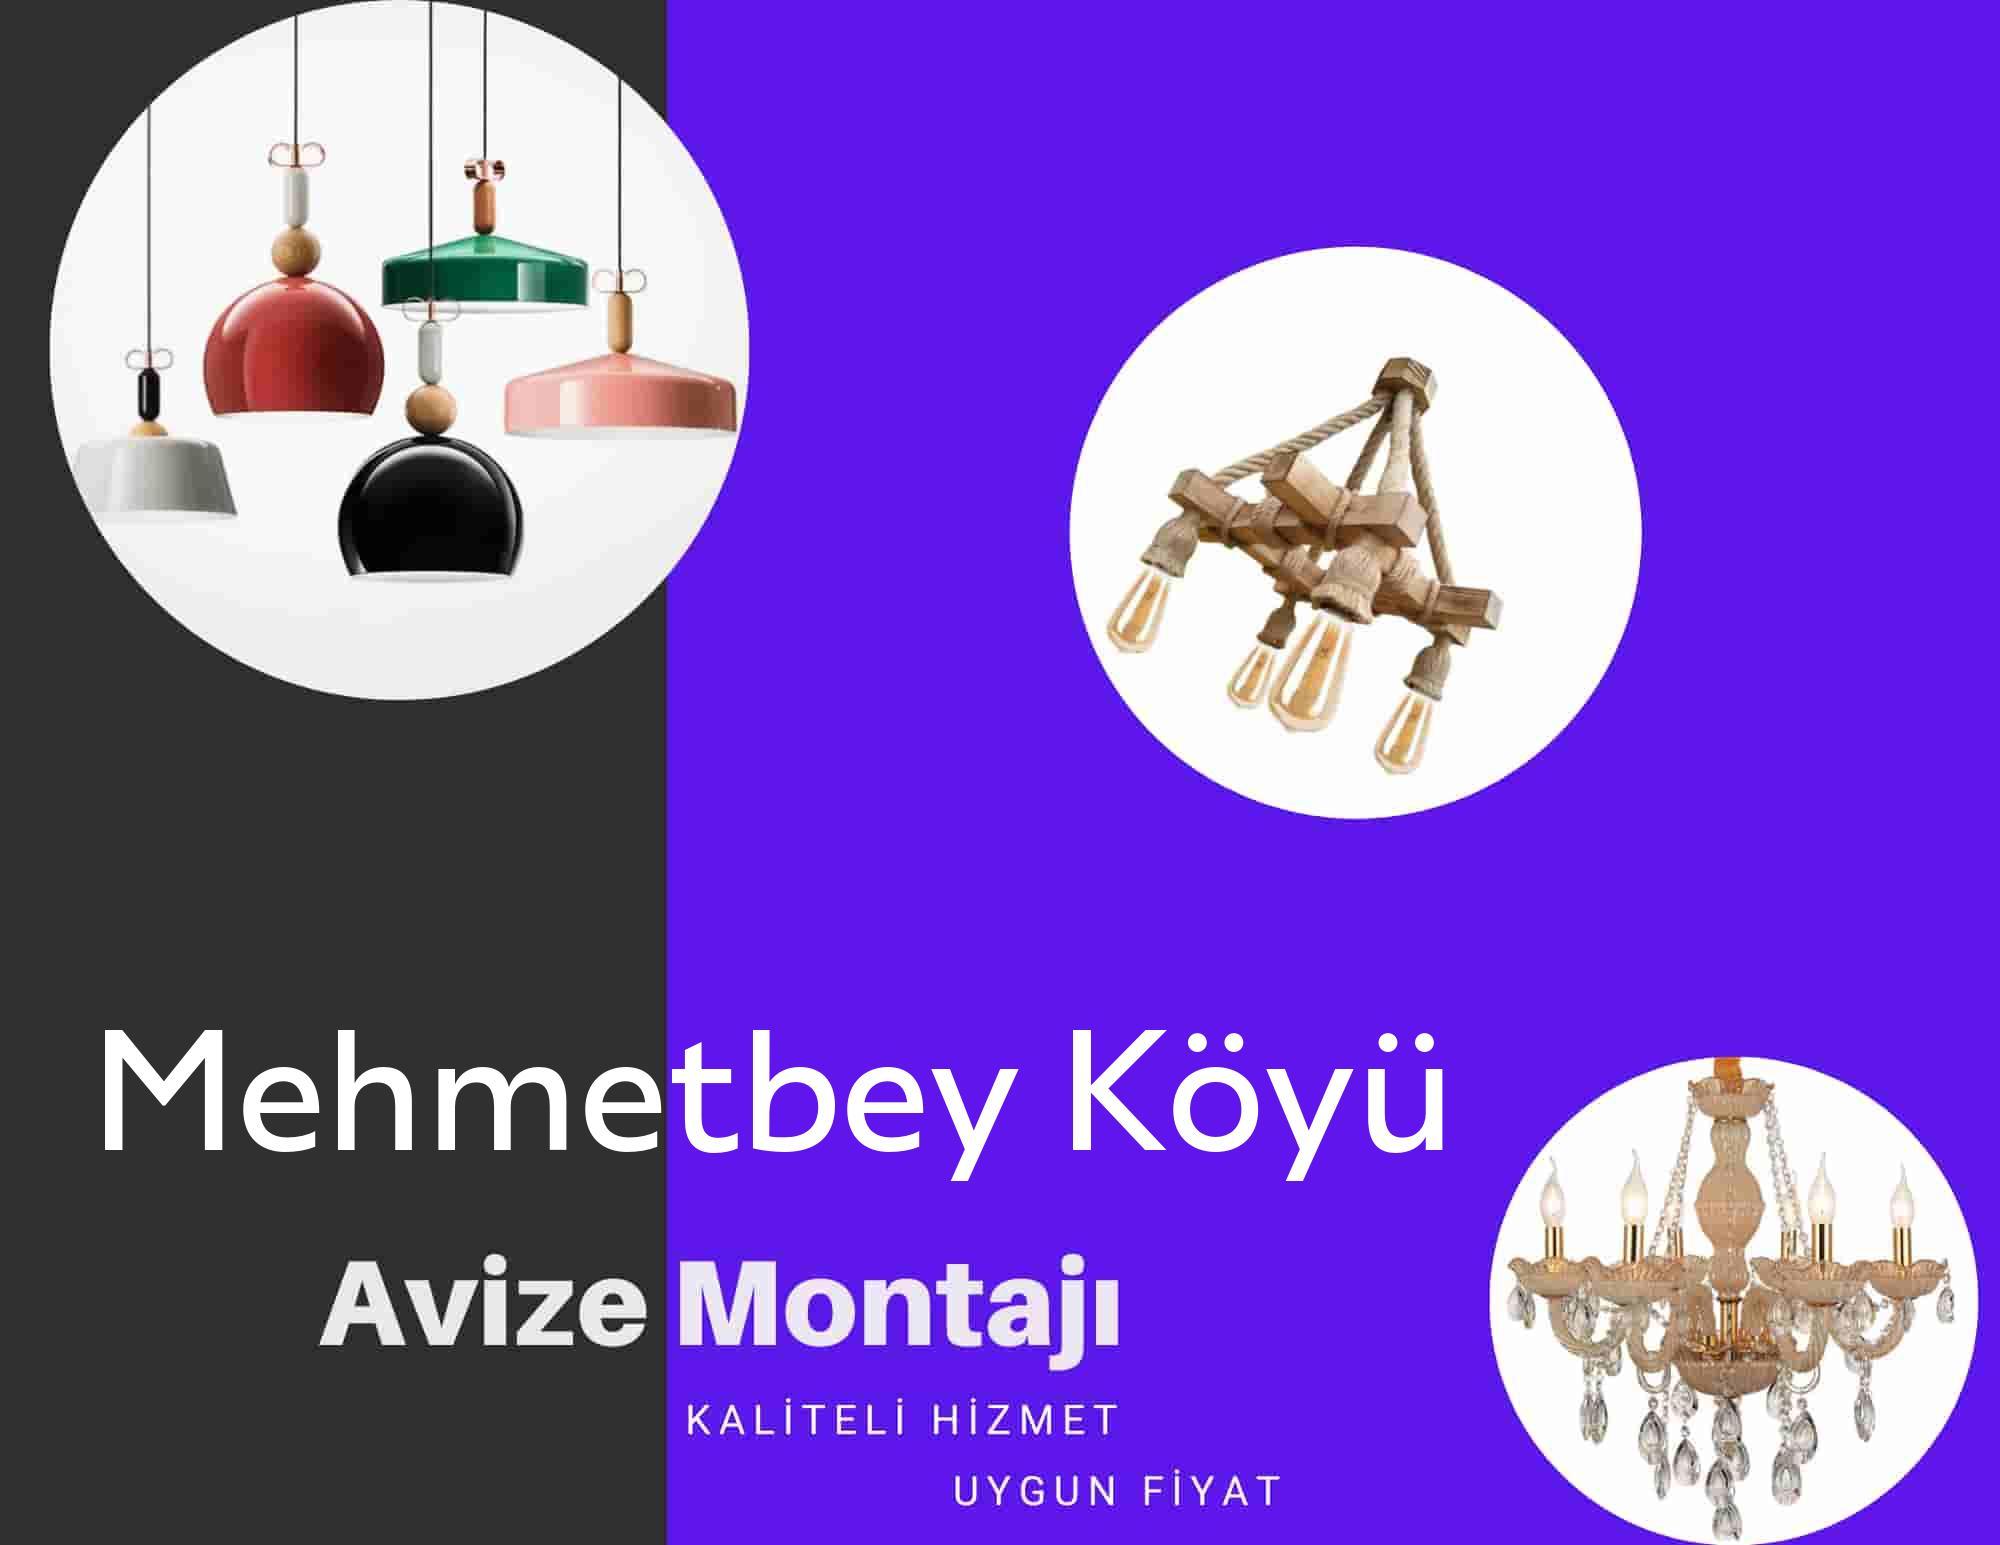 Mehmetbey Köyüde avize montajı yapan yerler arıyorsanız elektrikcicagir anında size profesyonel avize montajı ustasını yönlendirir.